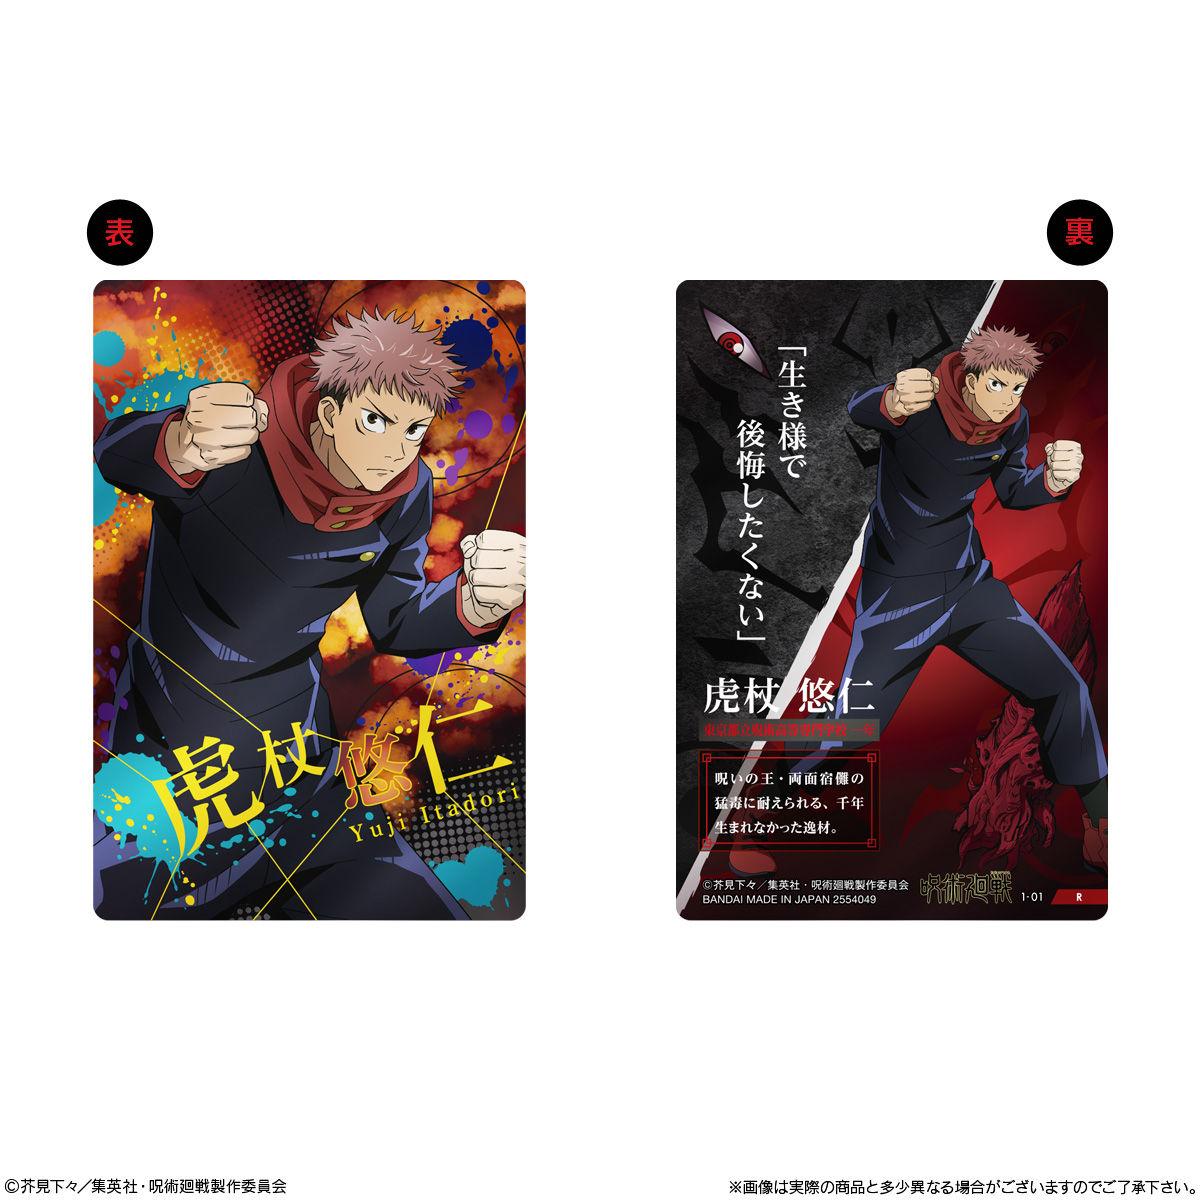 【食玩】呪術廻戦『呪術廻戦ウエハース』20個入りBOX-002